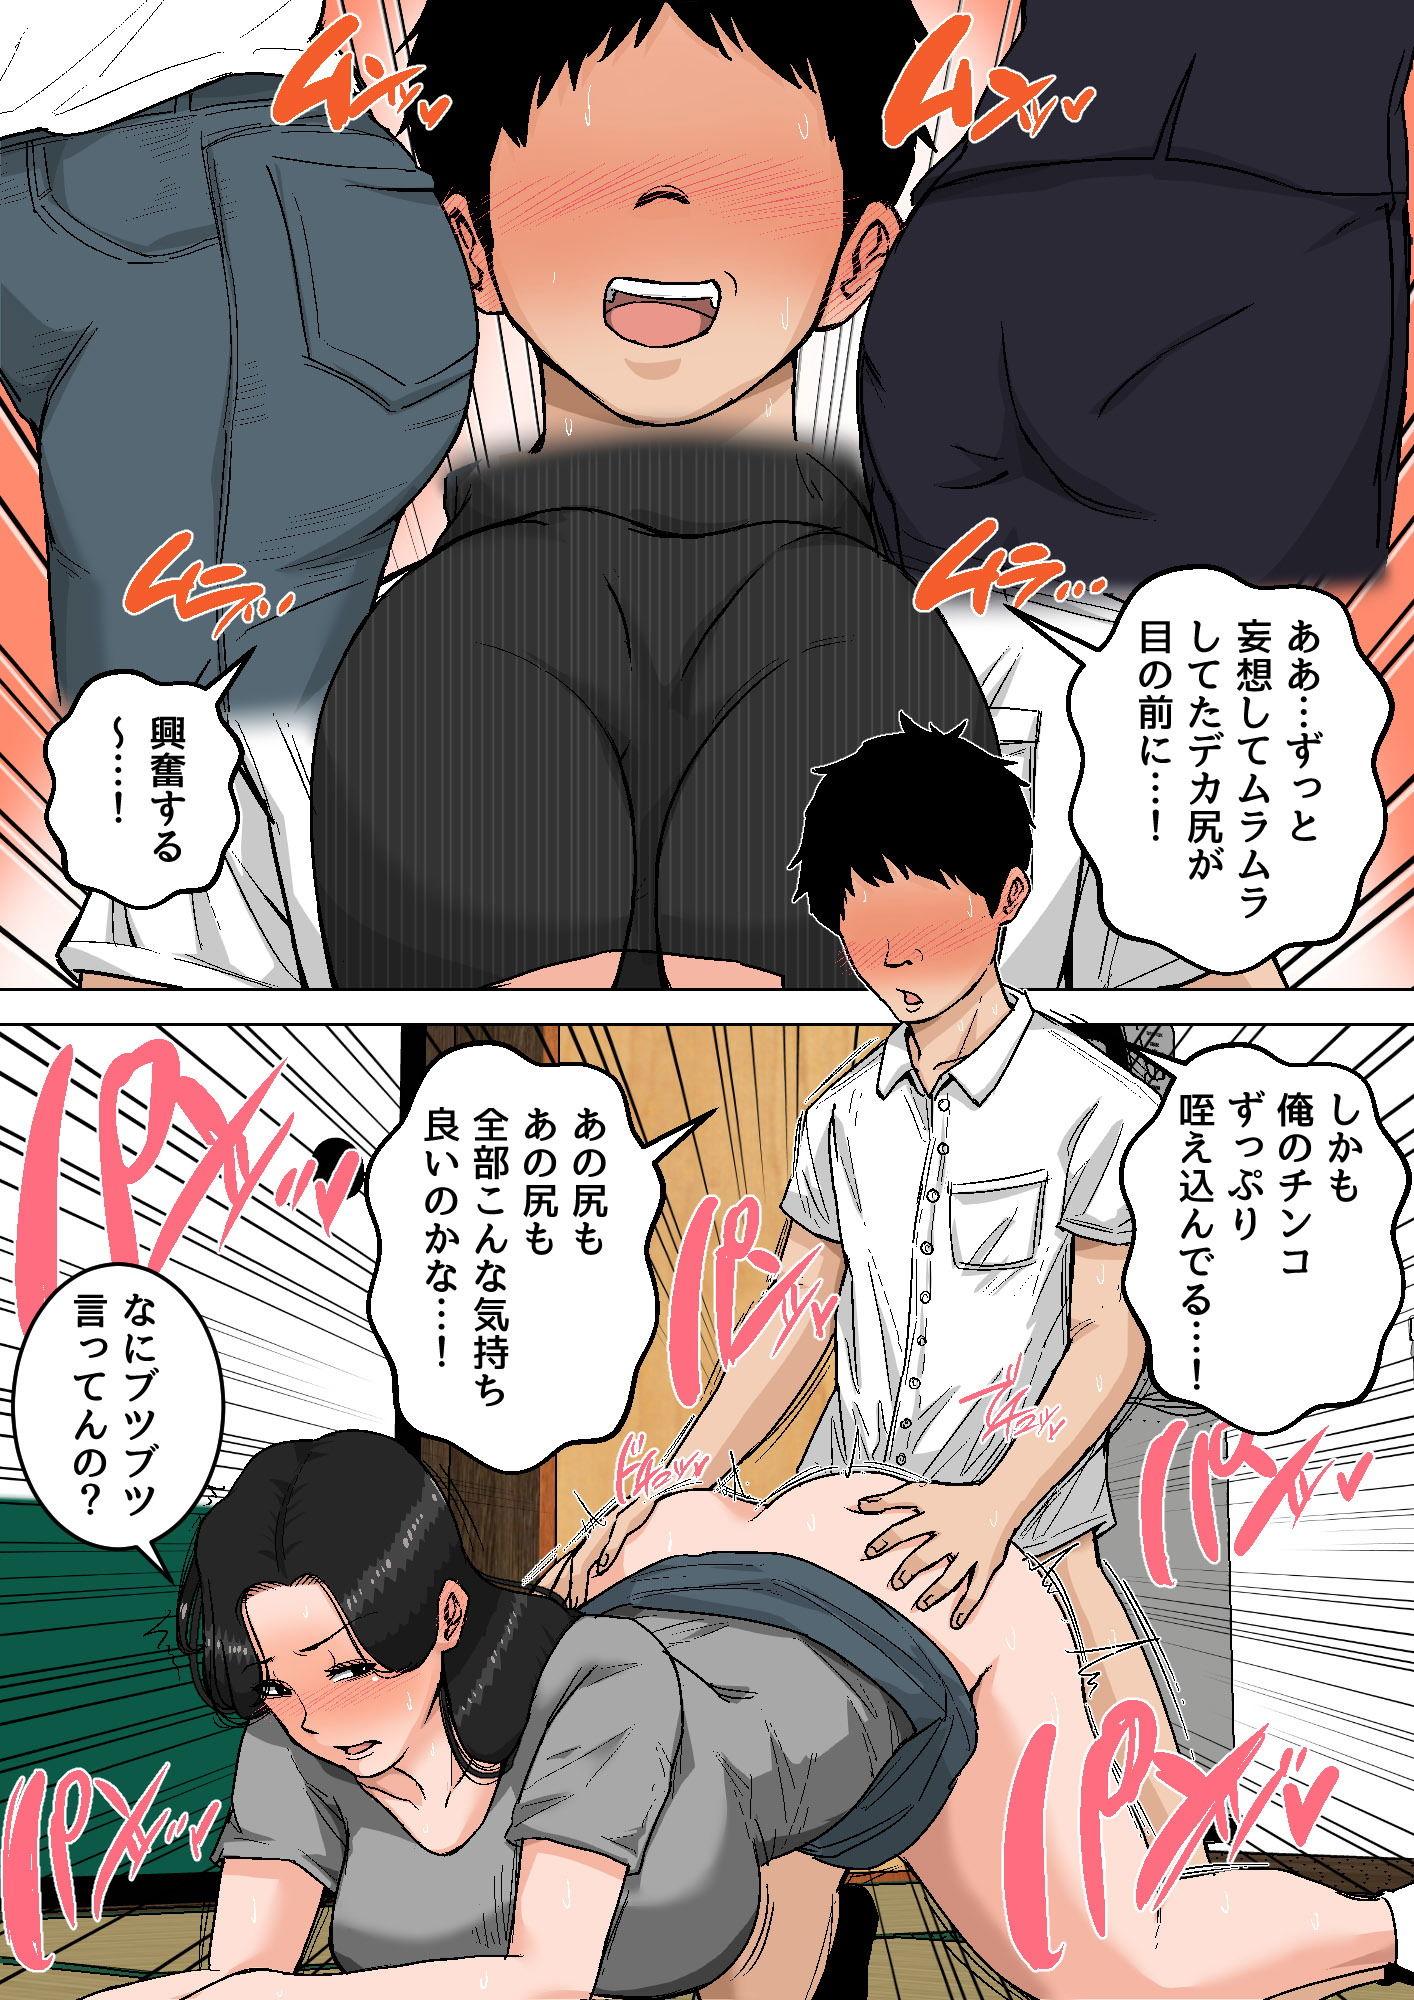 漫画『新・日常的にお母さんに出す生活!』 同人誌のサンプル画像です